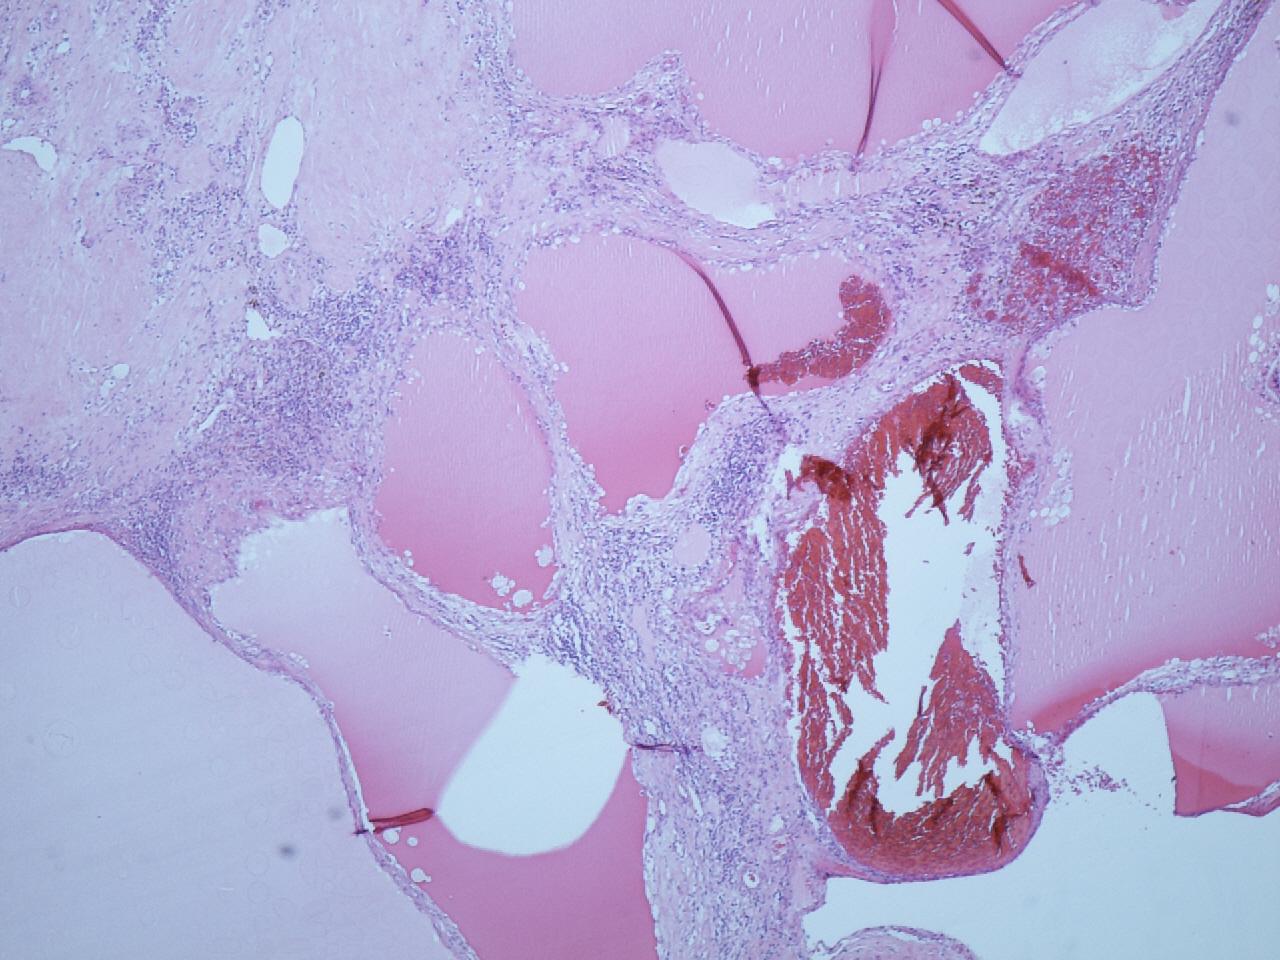 Begrenzter, grau weißer und teils zystischer Tumor, Nephrektomiepräparat